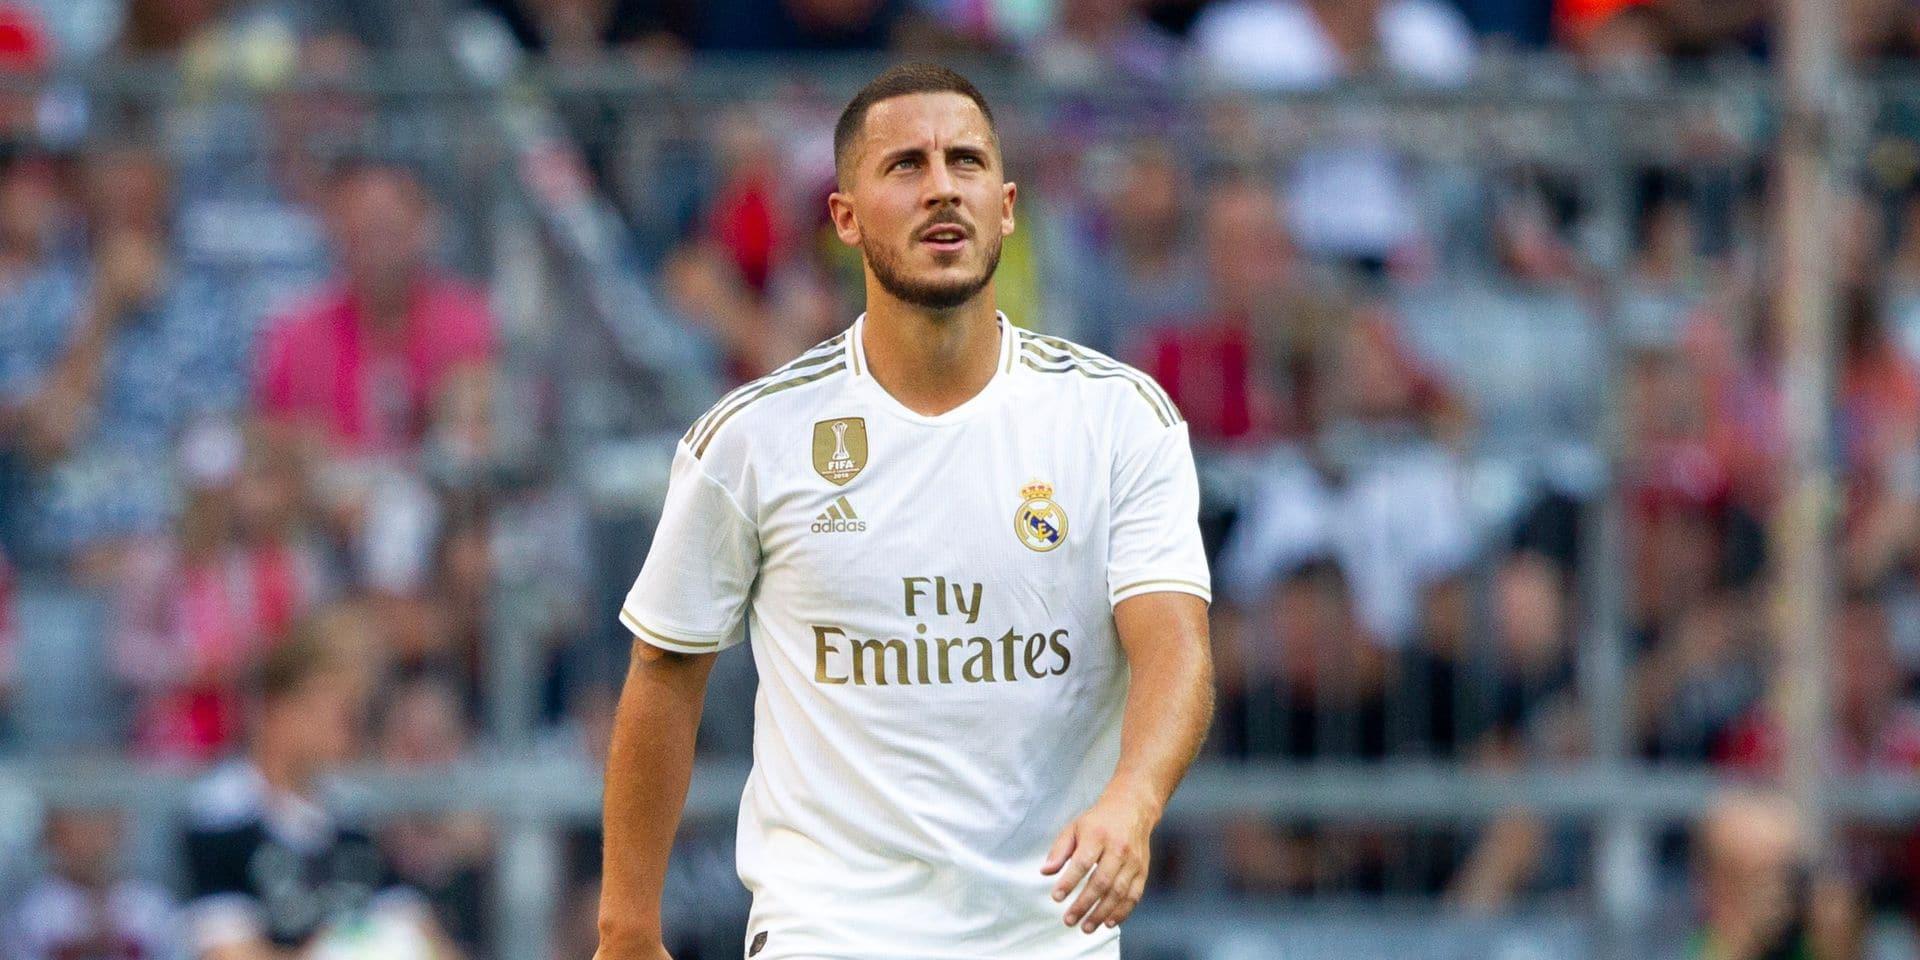 Annoncé incertain, Hazard est bien du voyage à Manchester City mais pourrait débuter sur le banc